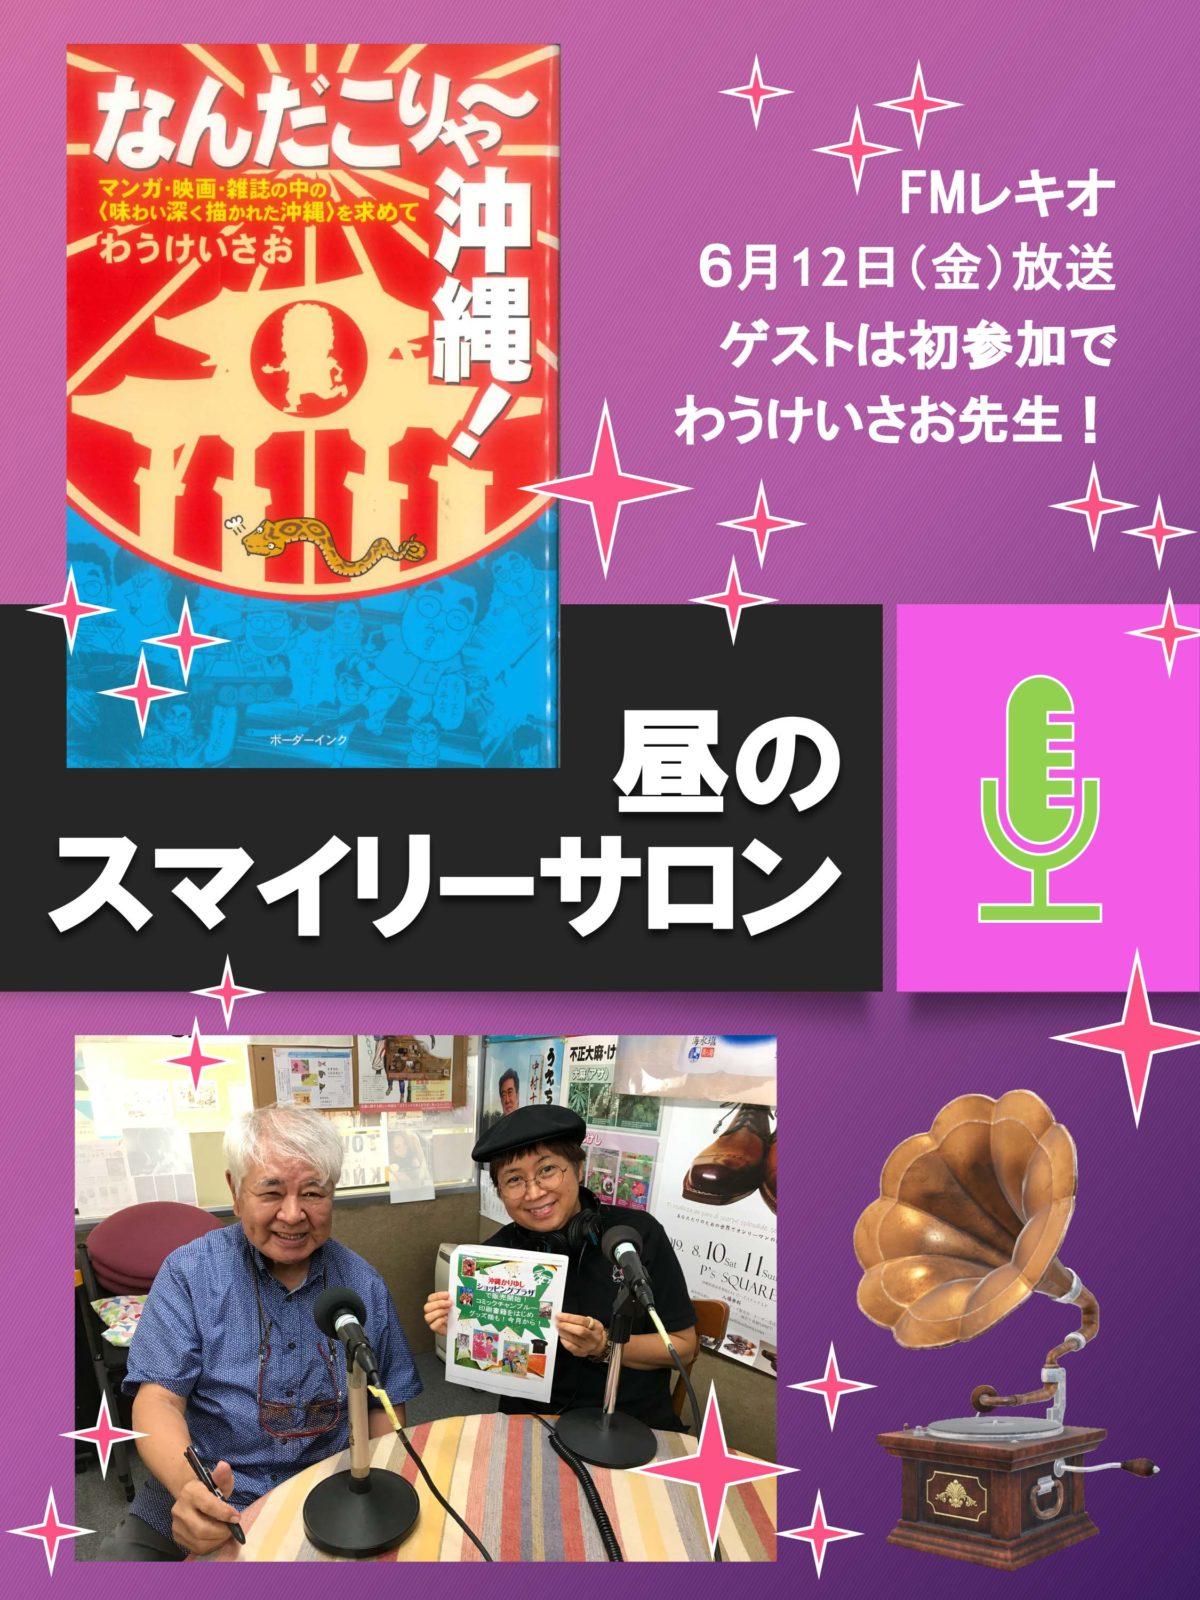 「なんだこりゃ〜沖縄!」の、わうけいさお先生が初参加! 6月12日(金)『昼のスマイリーサロン』